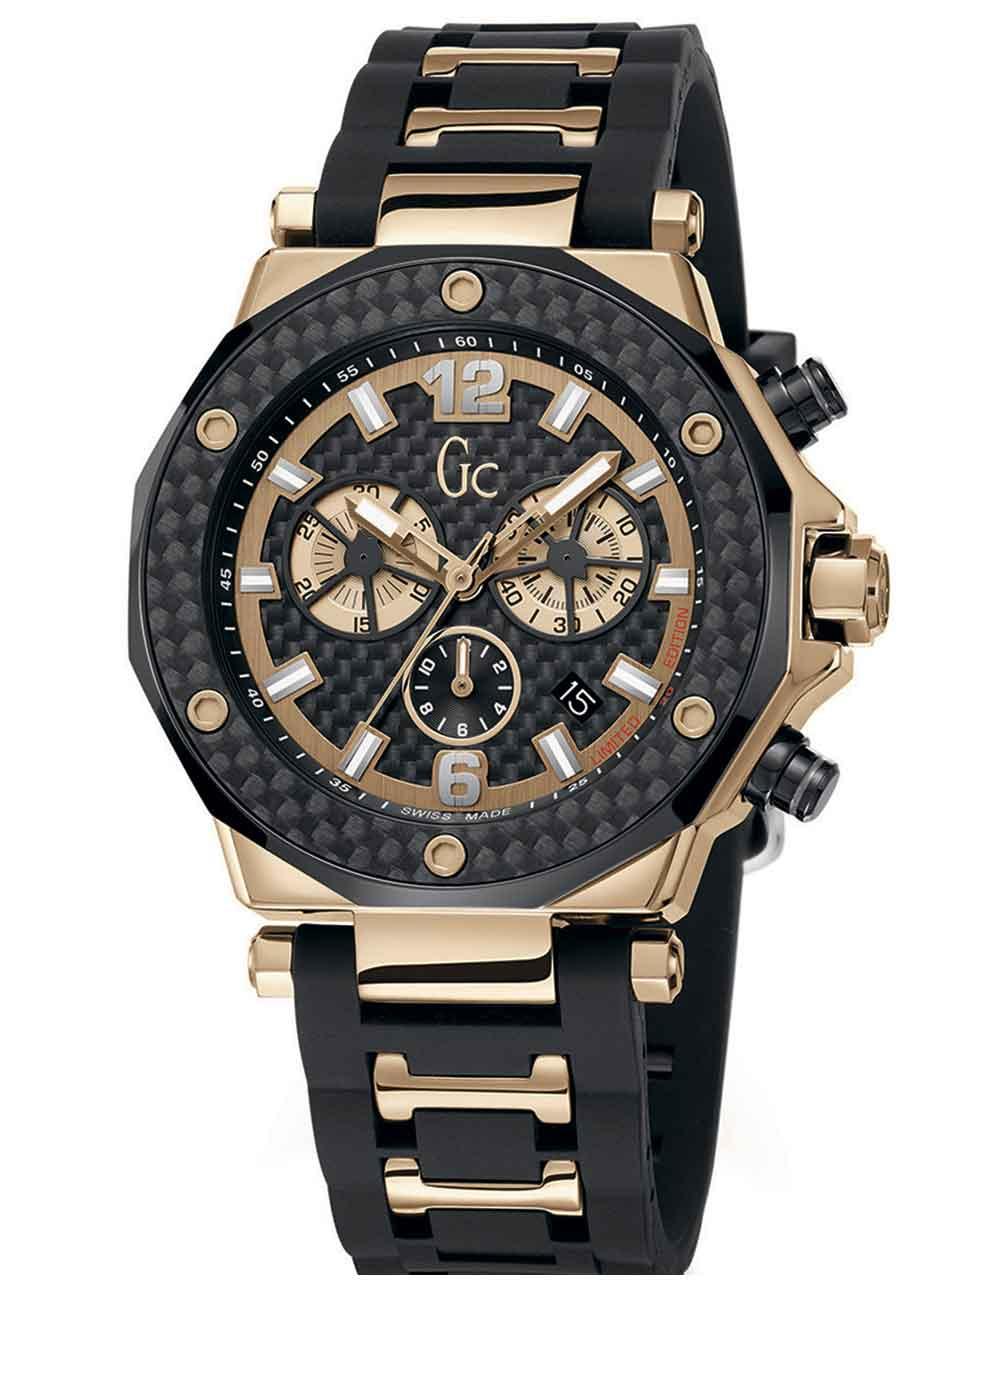 GC smart Luxury 20 aniversario reloj suizo edición limitada